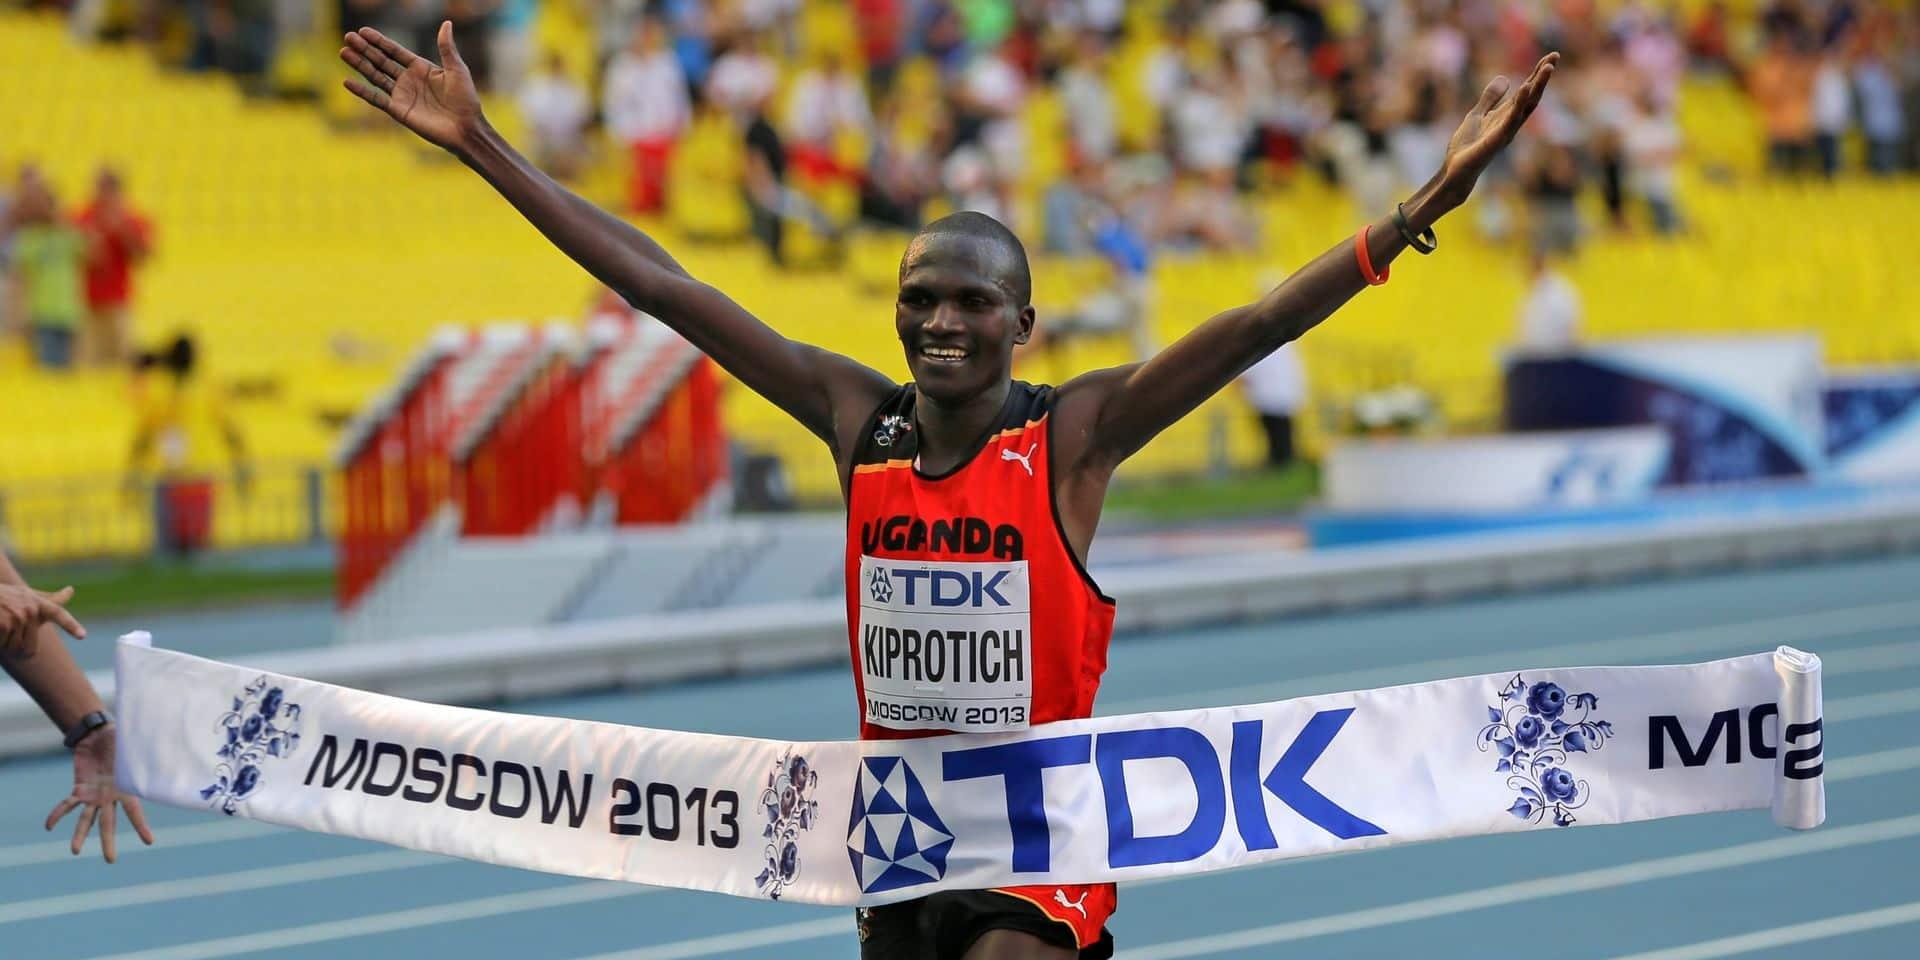 Dopage: le marathonien Wilson Kipsang Kiprotich suspendu provisoirement